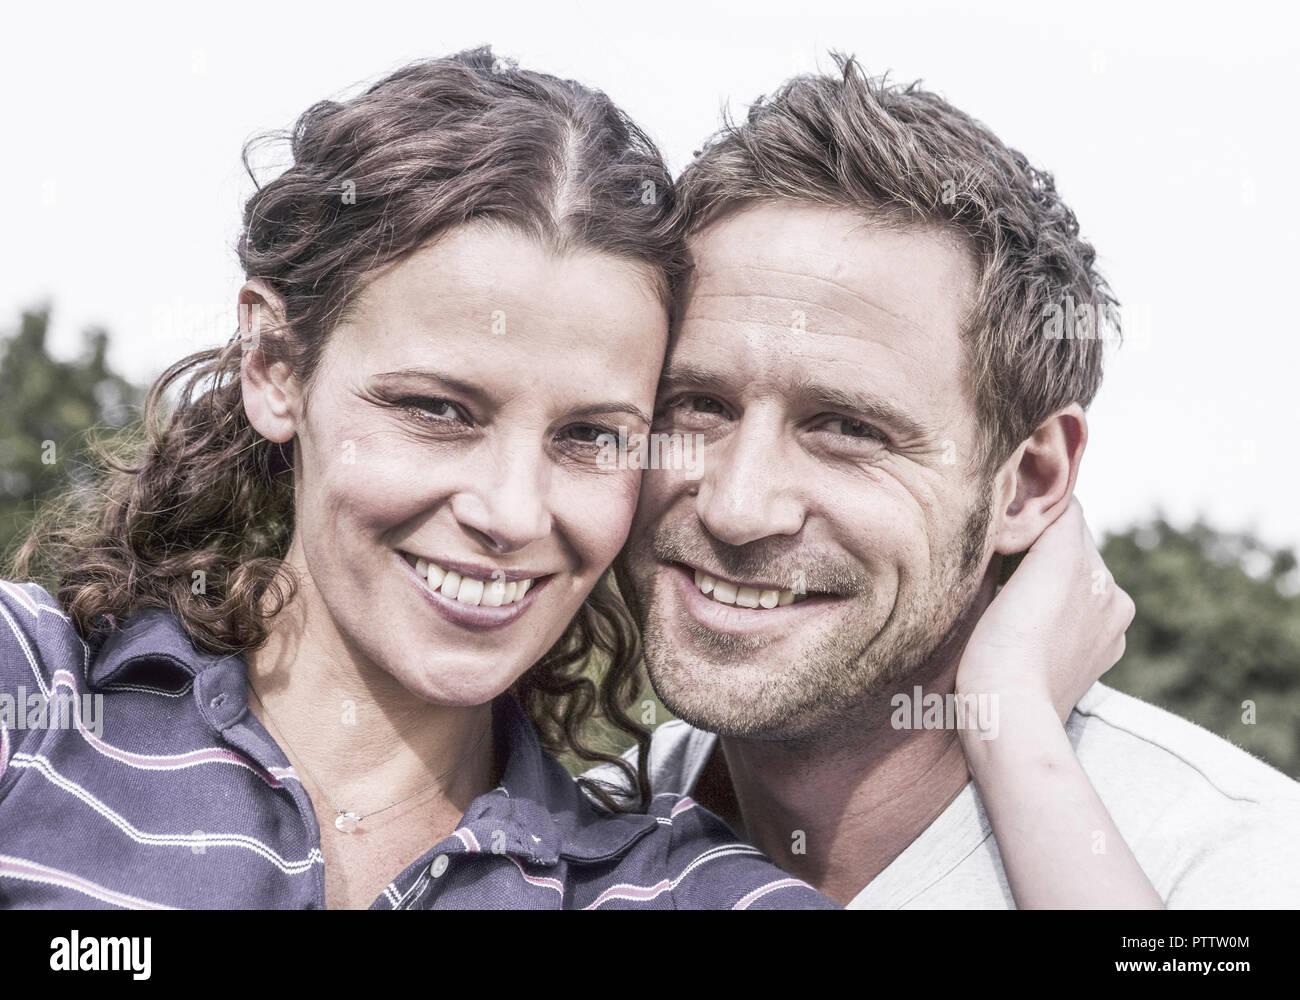 Paar, Koepfe zusammen, Portraet (model-released) Stock Photo